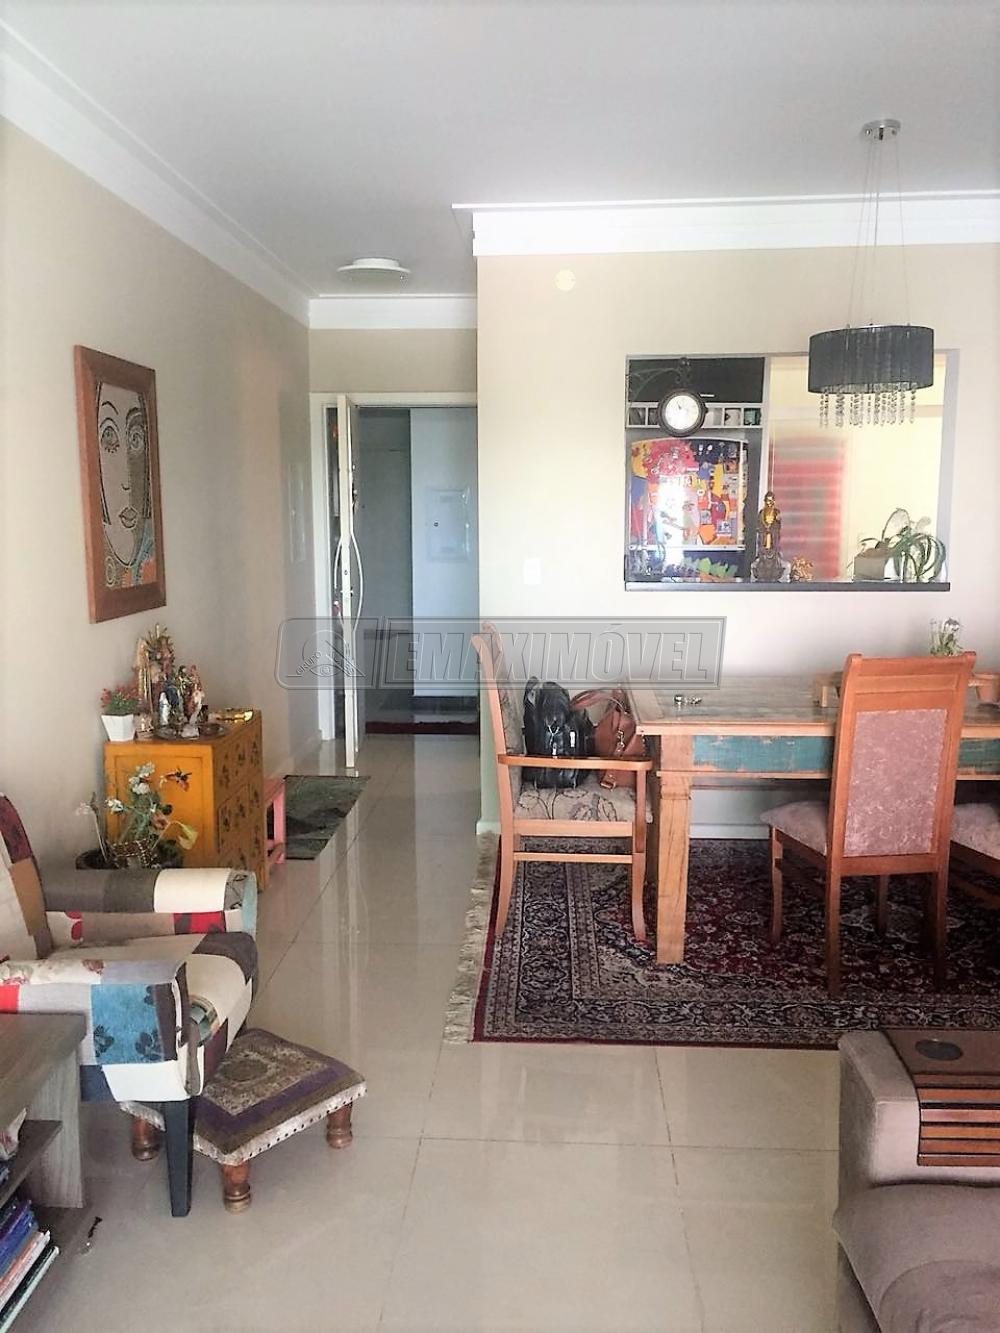 Comprar Apartamentos / Apto Padrão em Sorocaba apenas R$ 740.000,00 - Foto 2